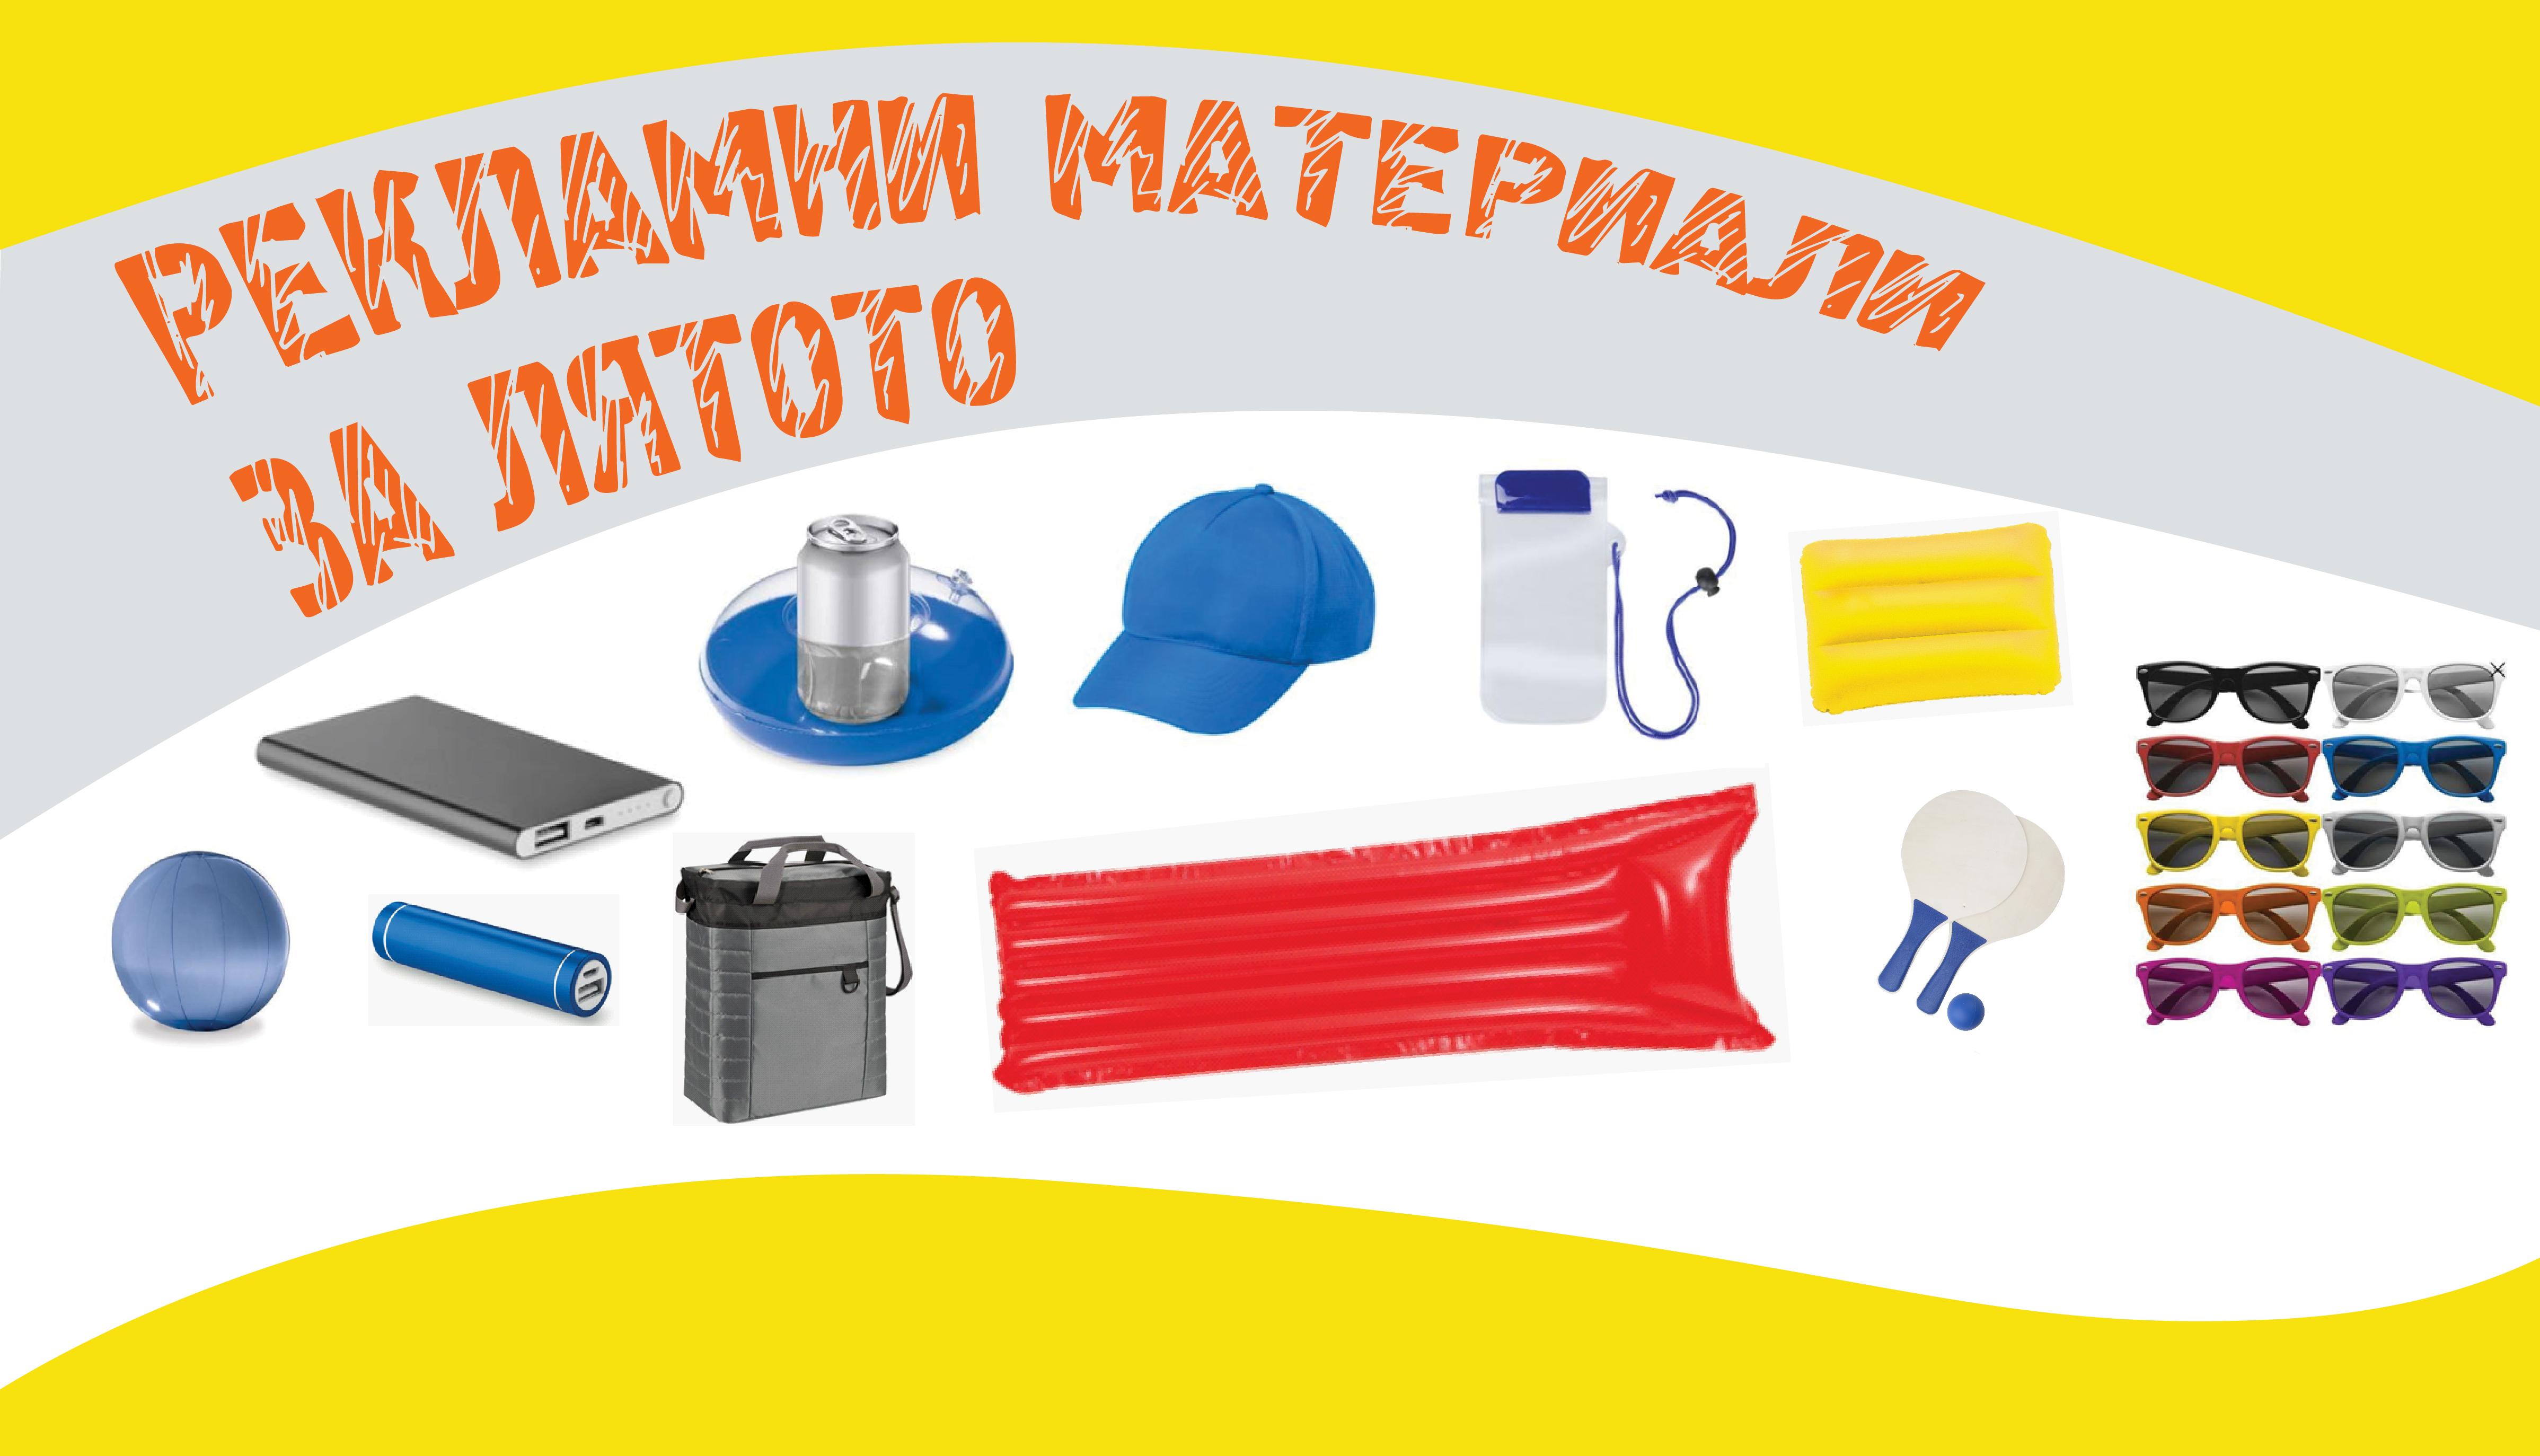 Reklamni_materiali_Lqto_2021_Cover-01-01